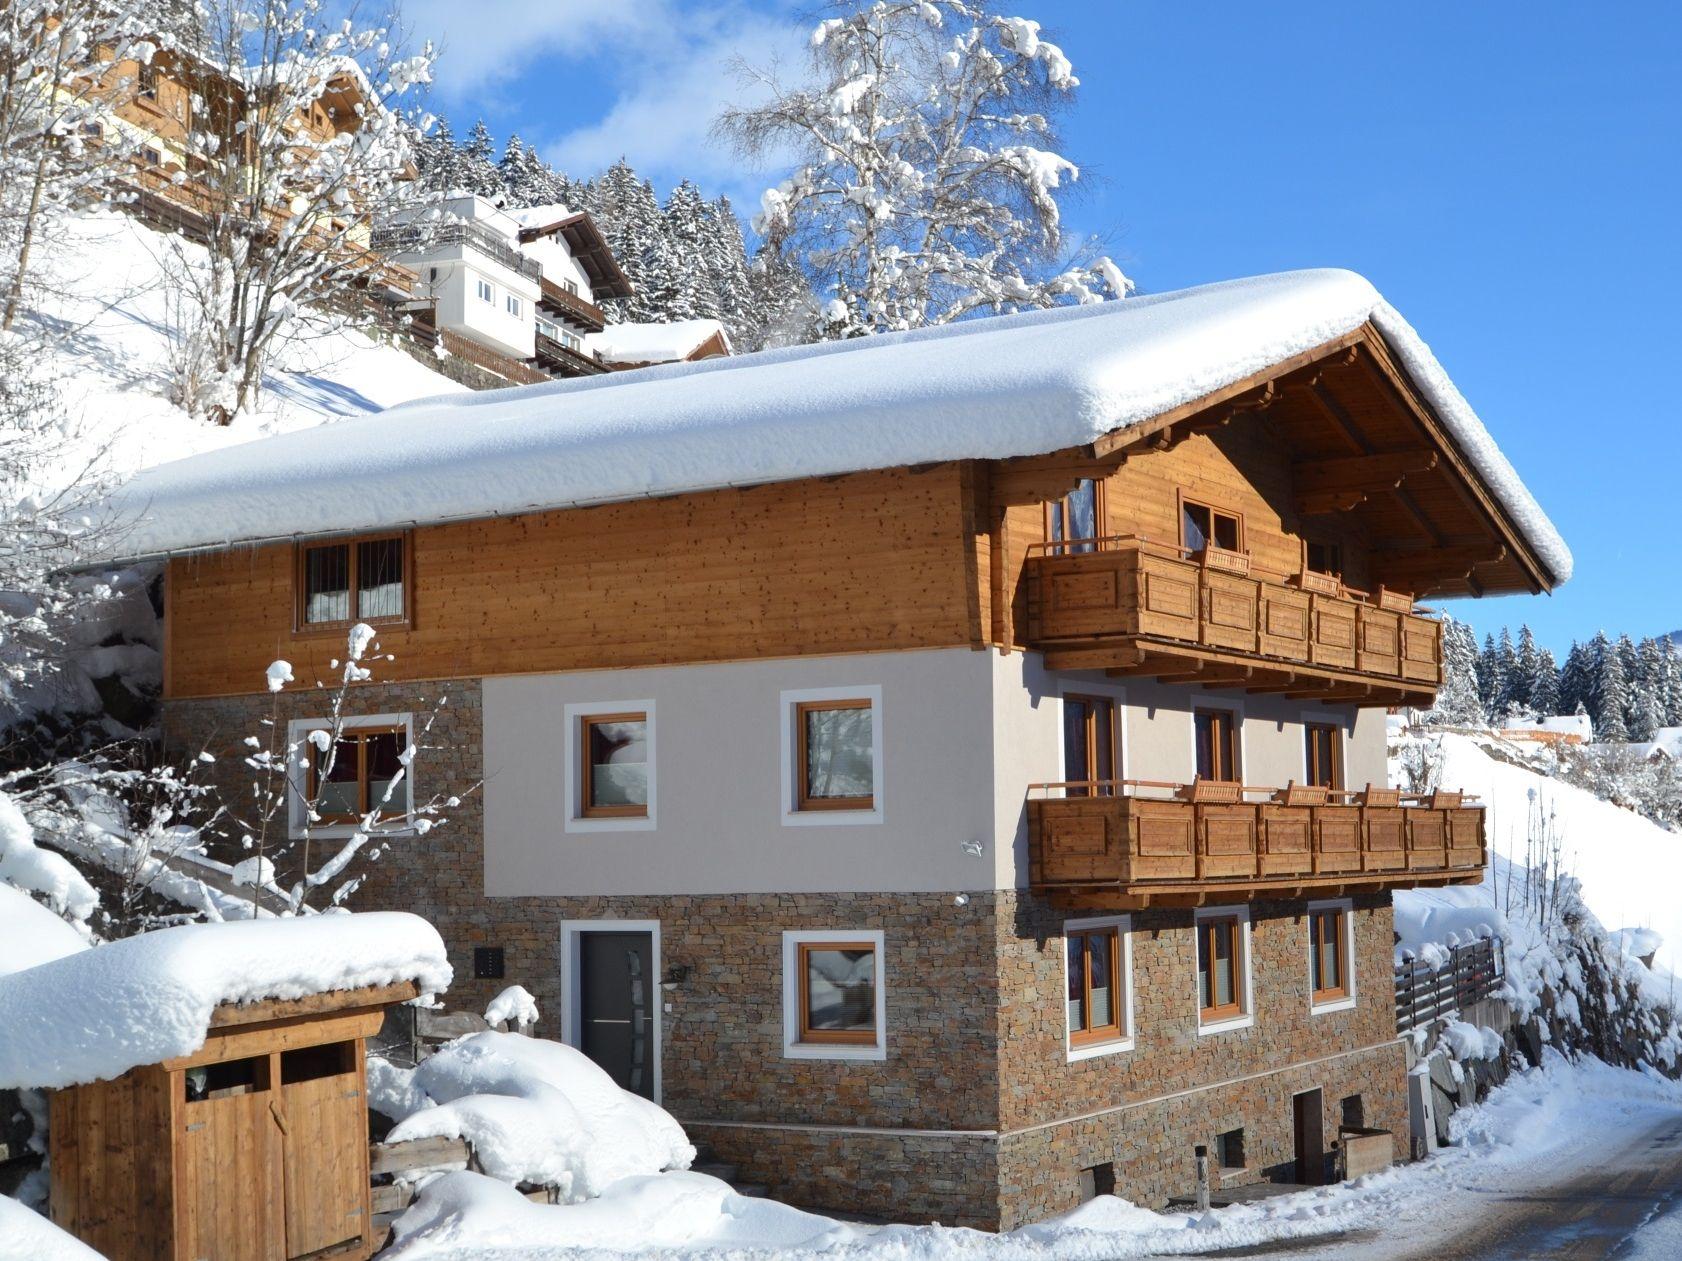 Chalet-appartement Ferienhaus Rieder - 14 personen